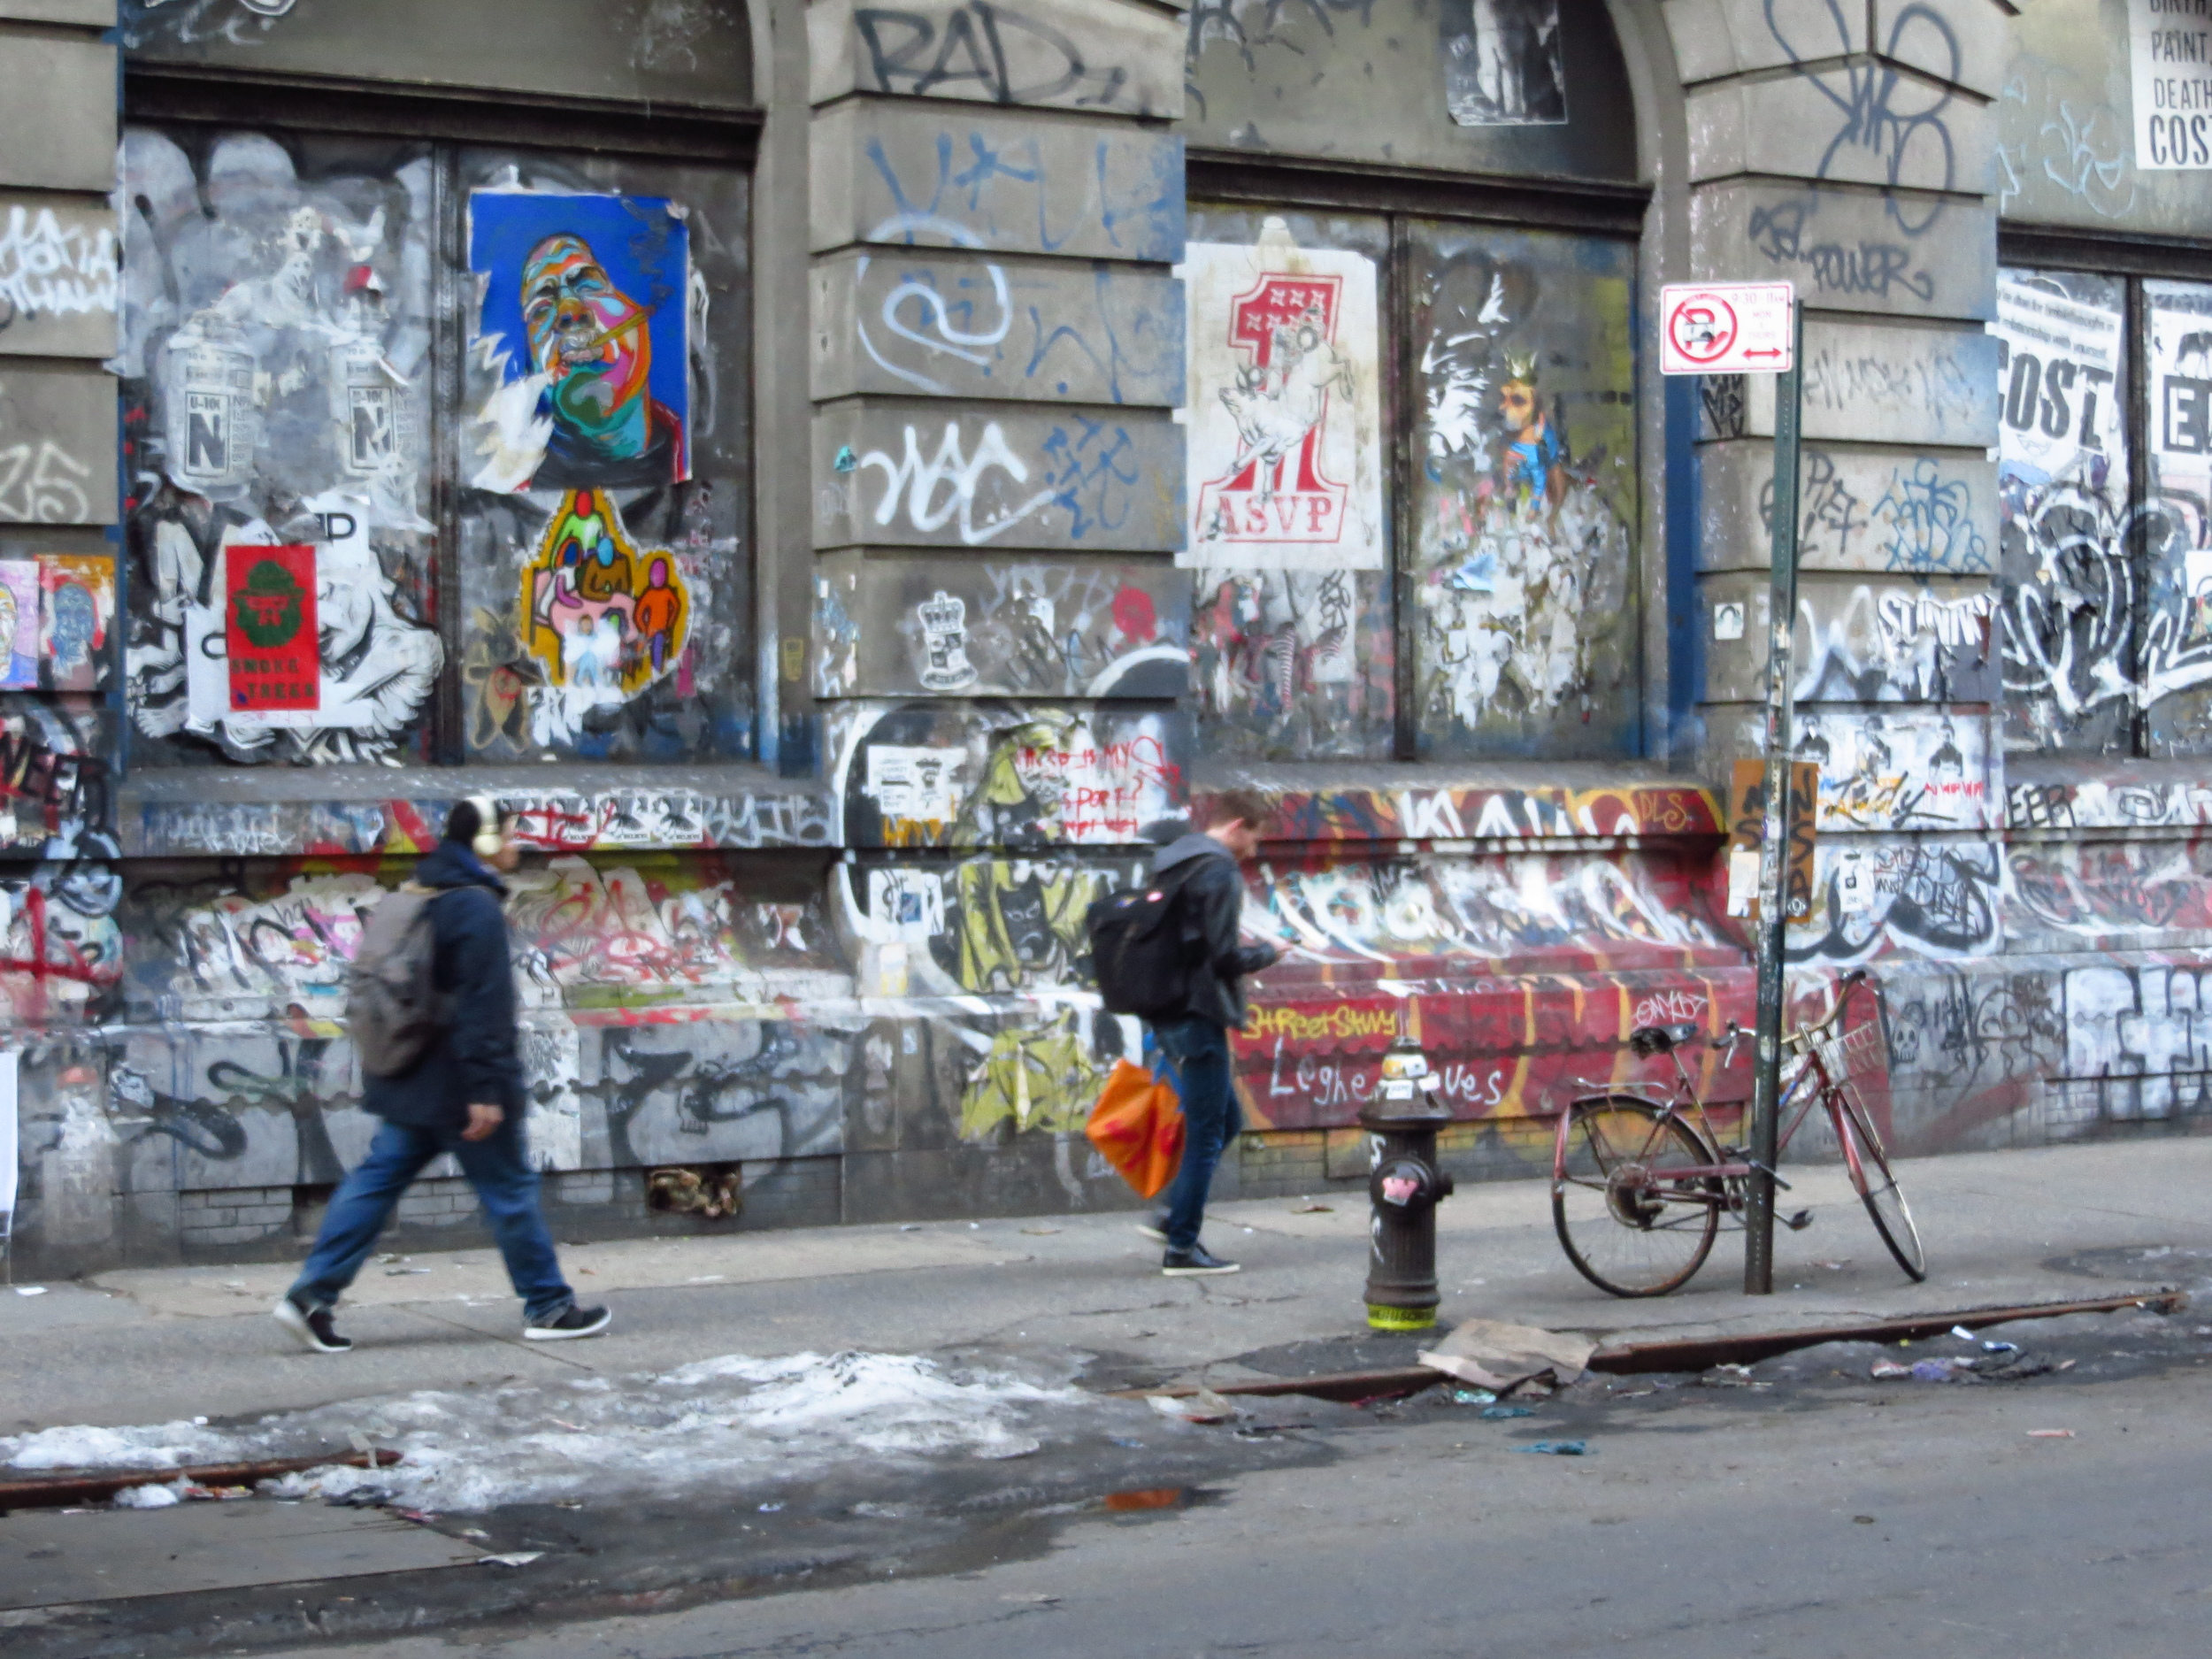 Many grafitto